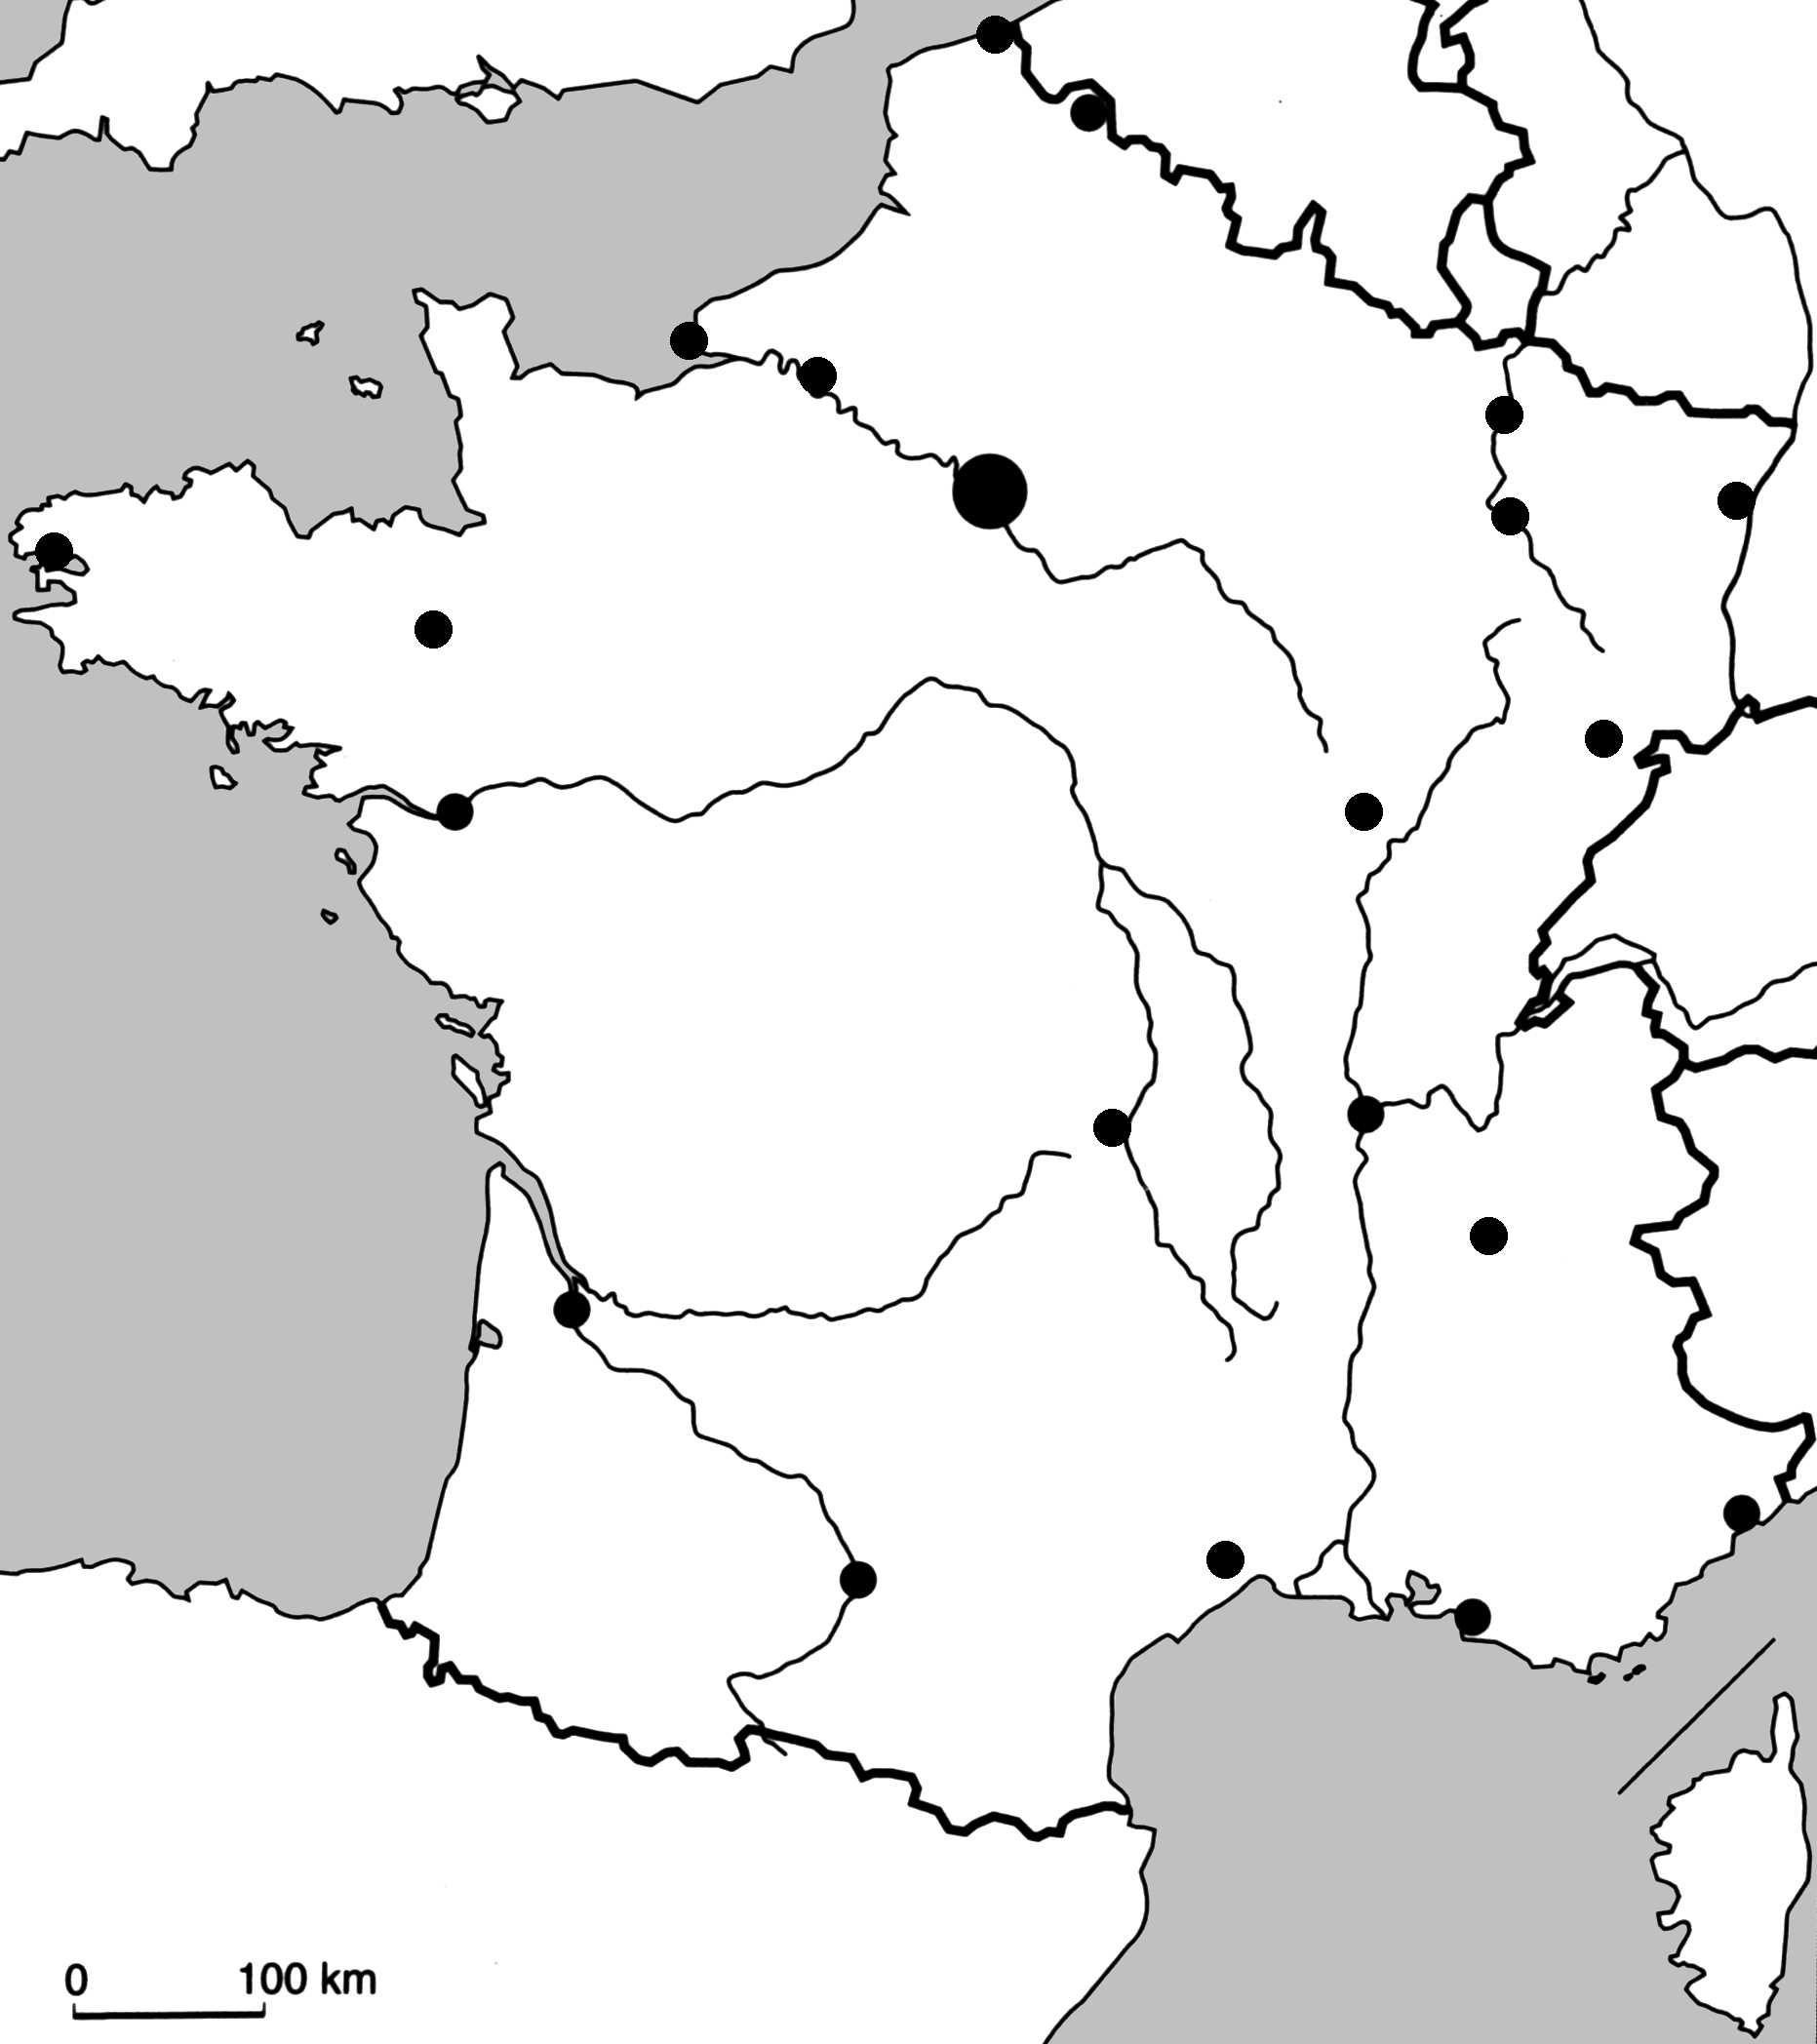 Afficher L'image D'origine | Carte France Vierge, Fleuve De avec Fond De Carte France Vierge